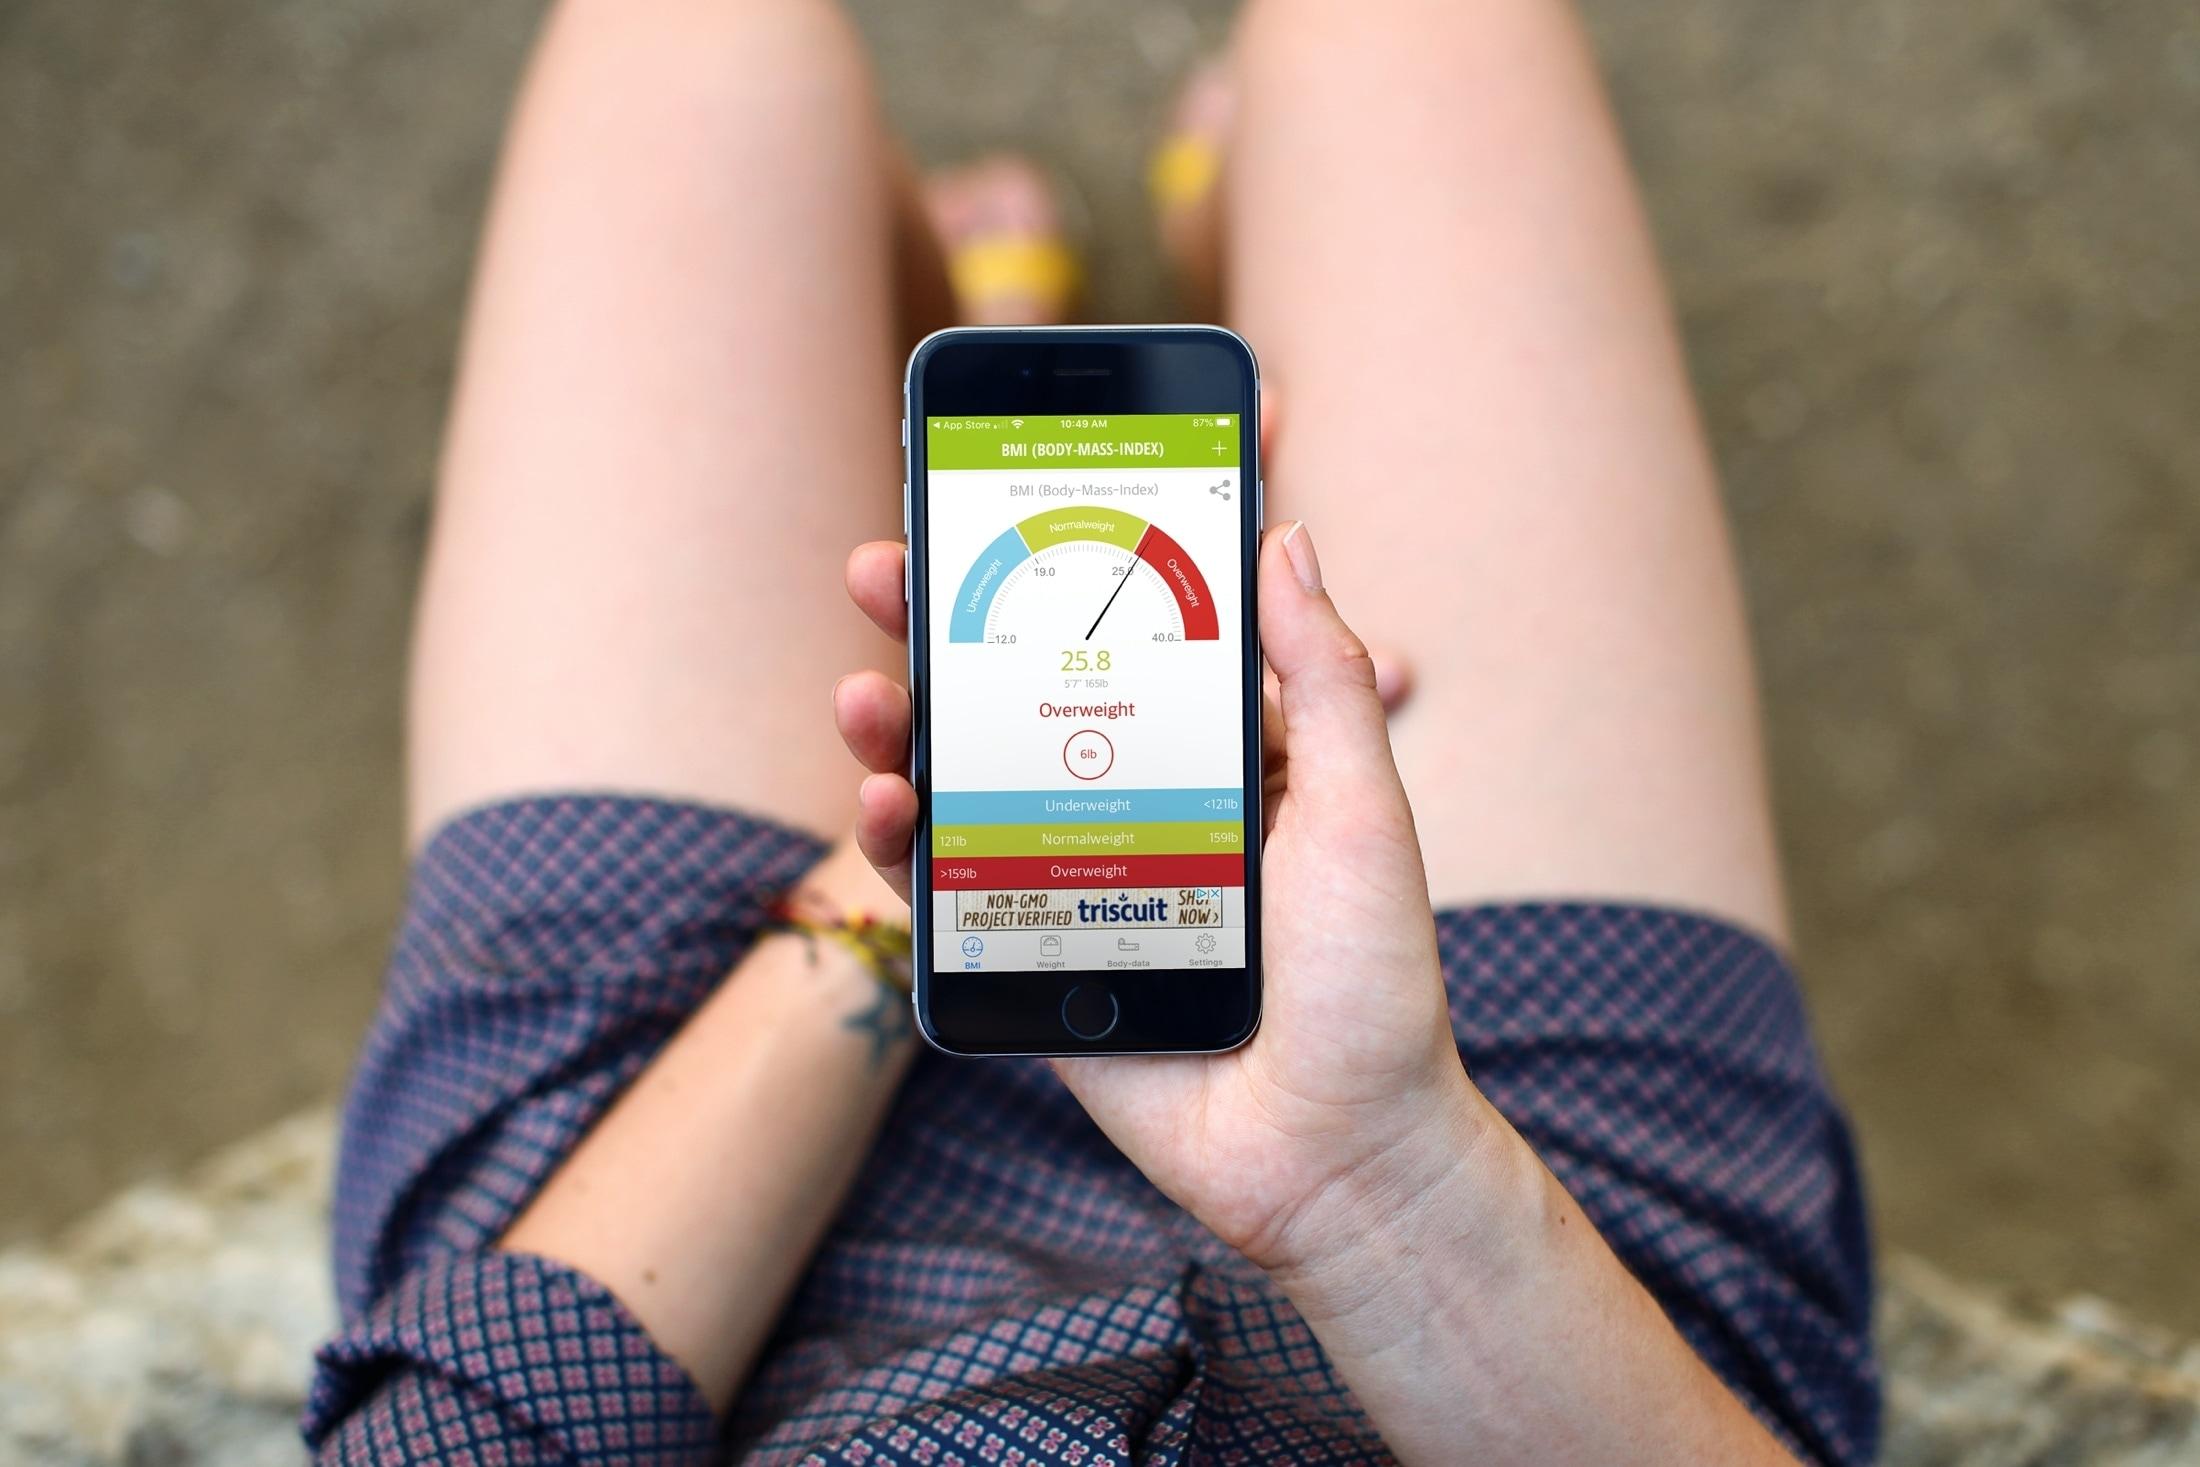 BMI Calculators for iPhone - aktiBMI